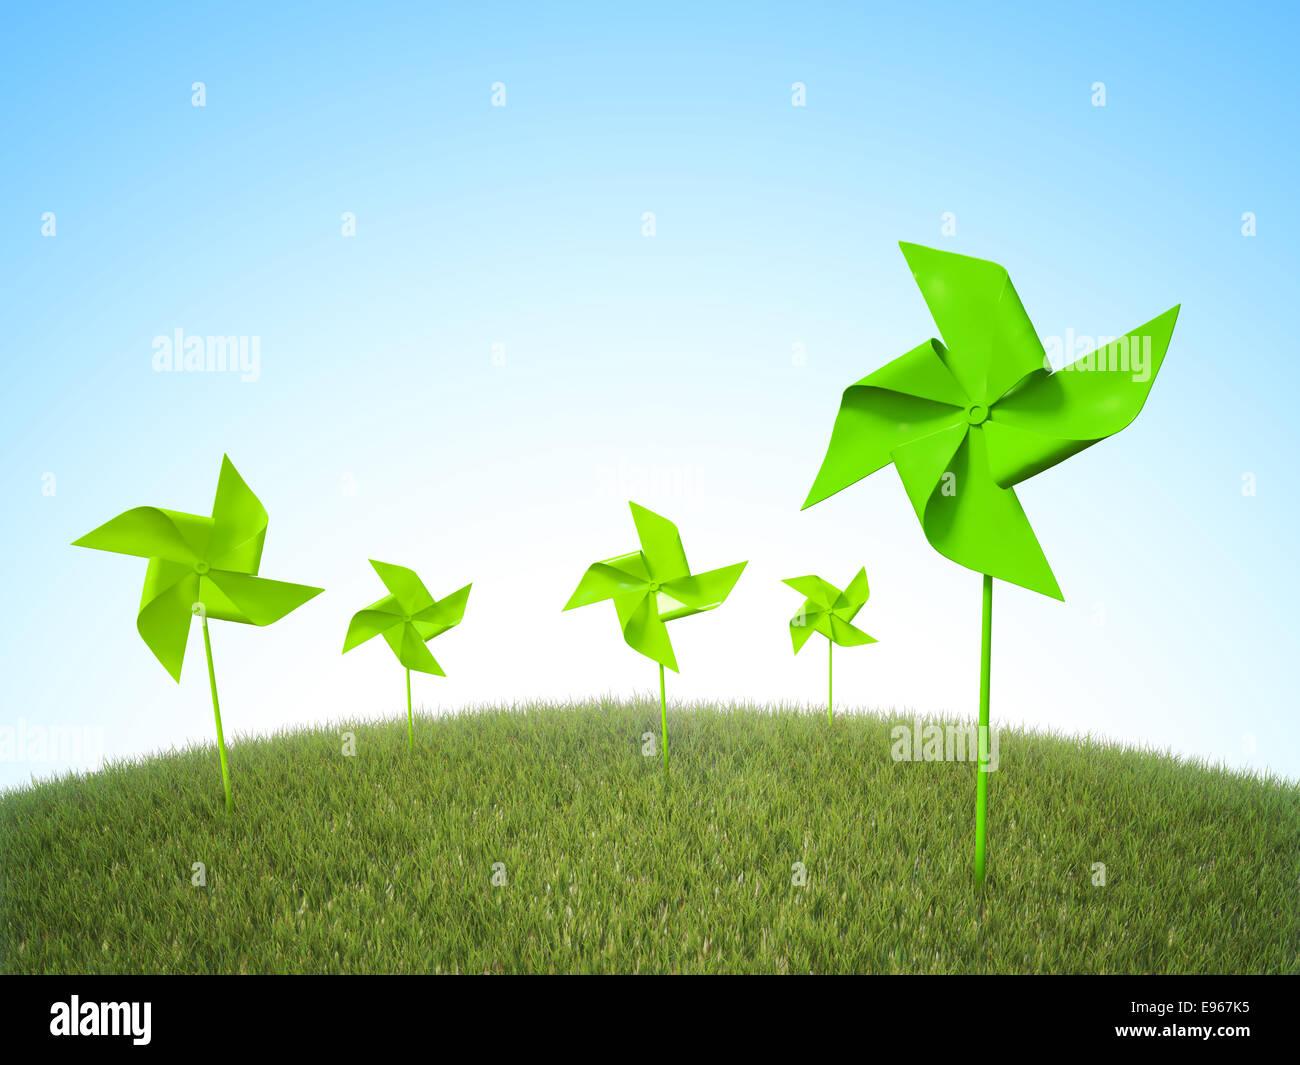 Rehiletes molinos de viento en un campo de hierba - Concepto de energía renovable Imagen De Stock